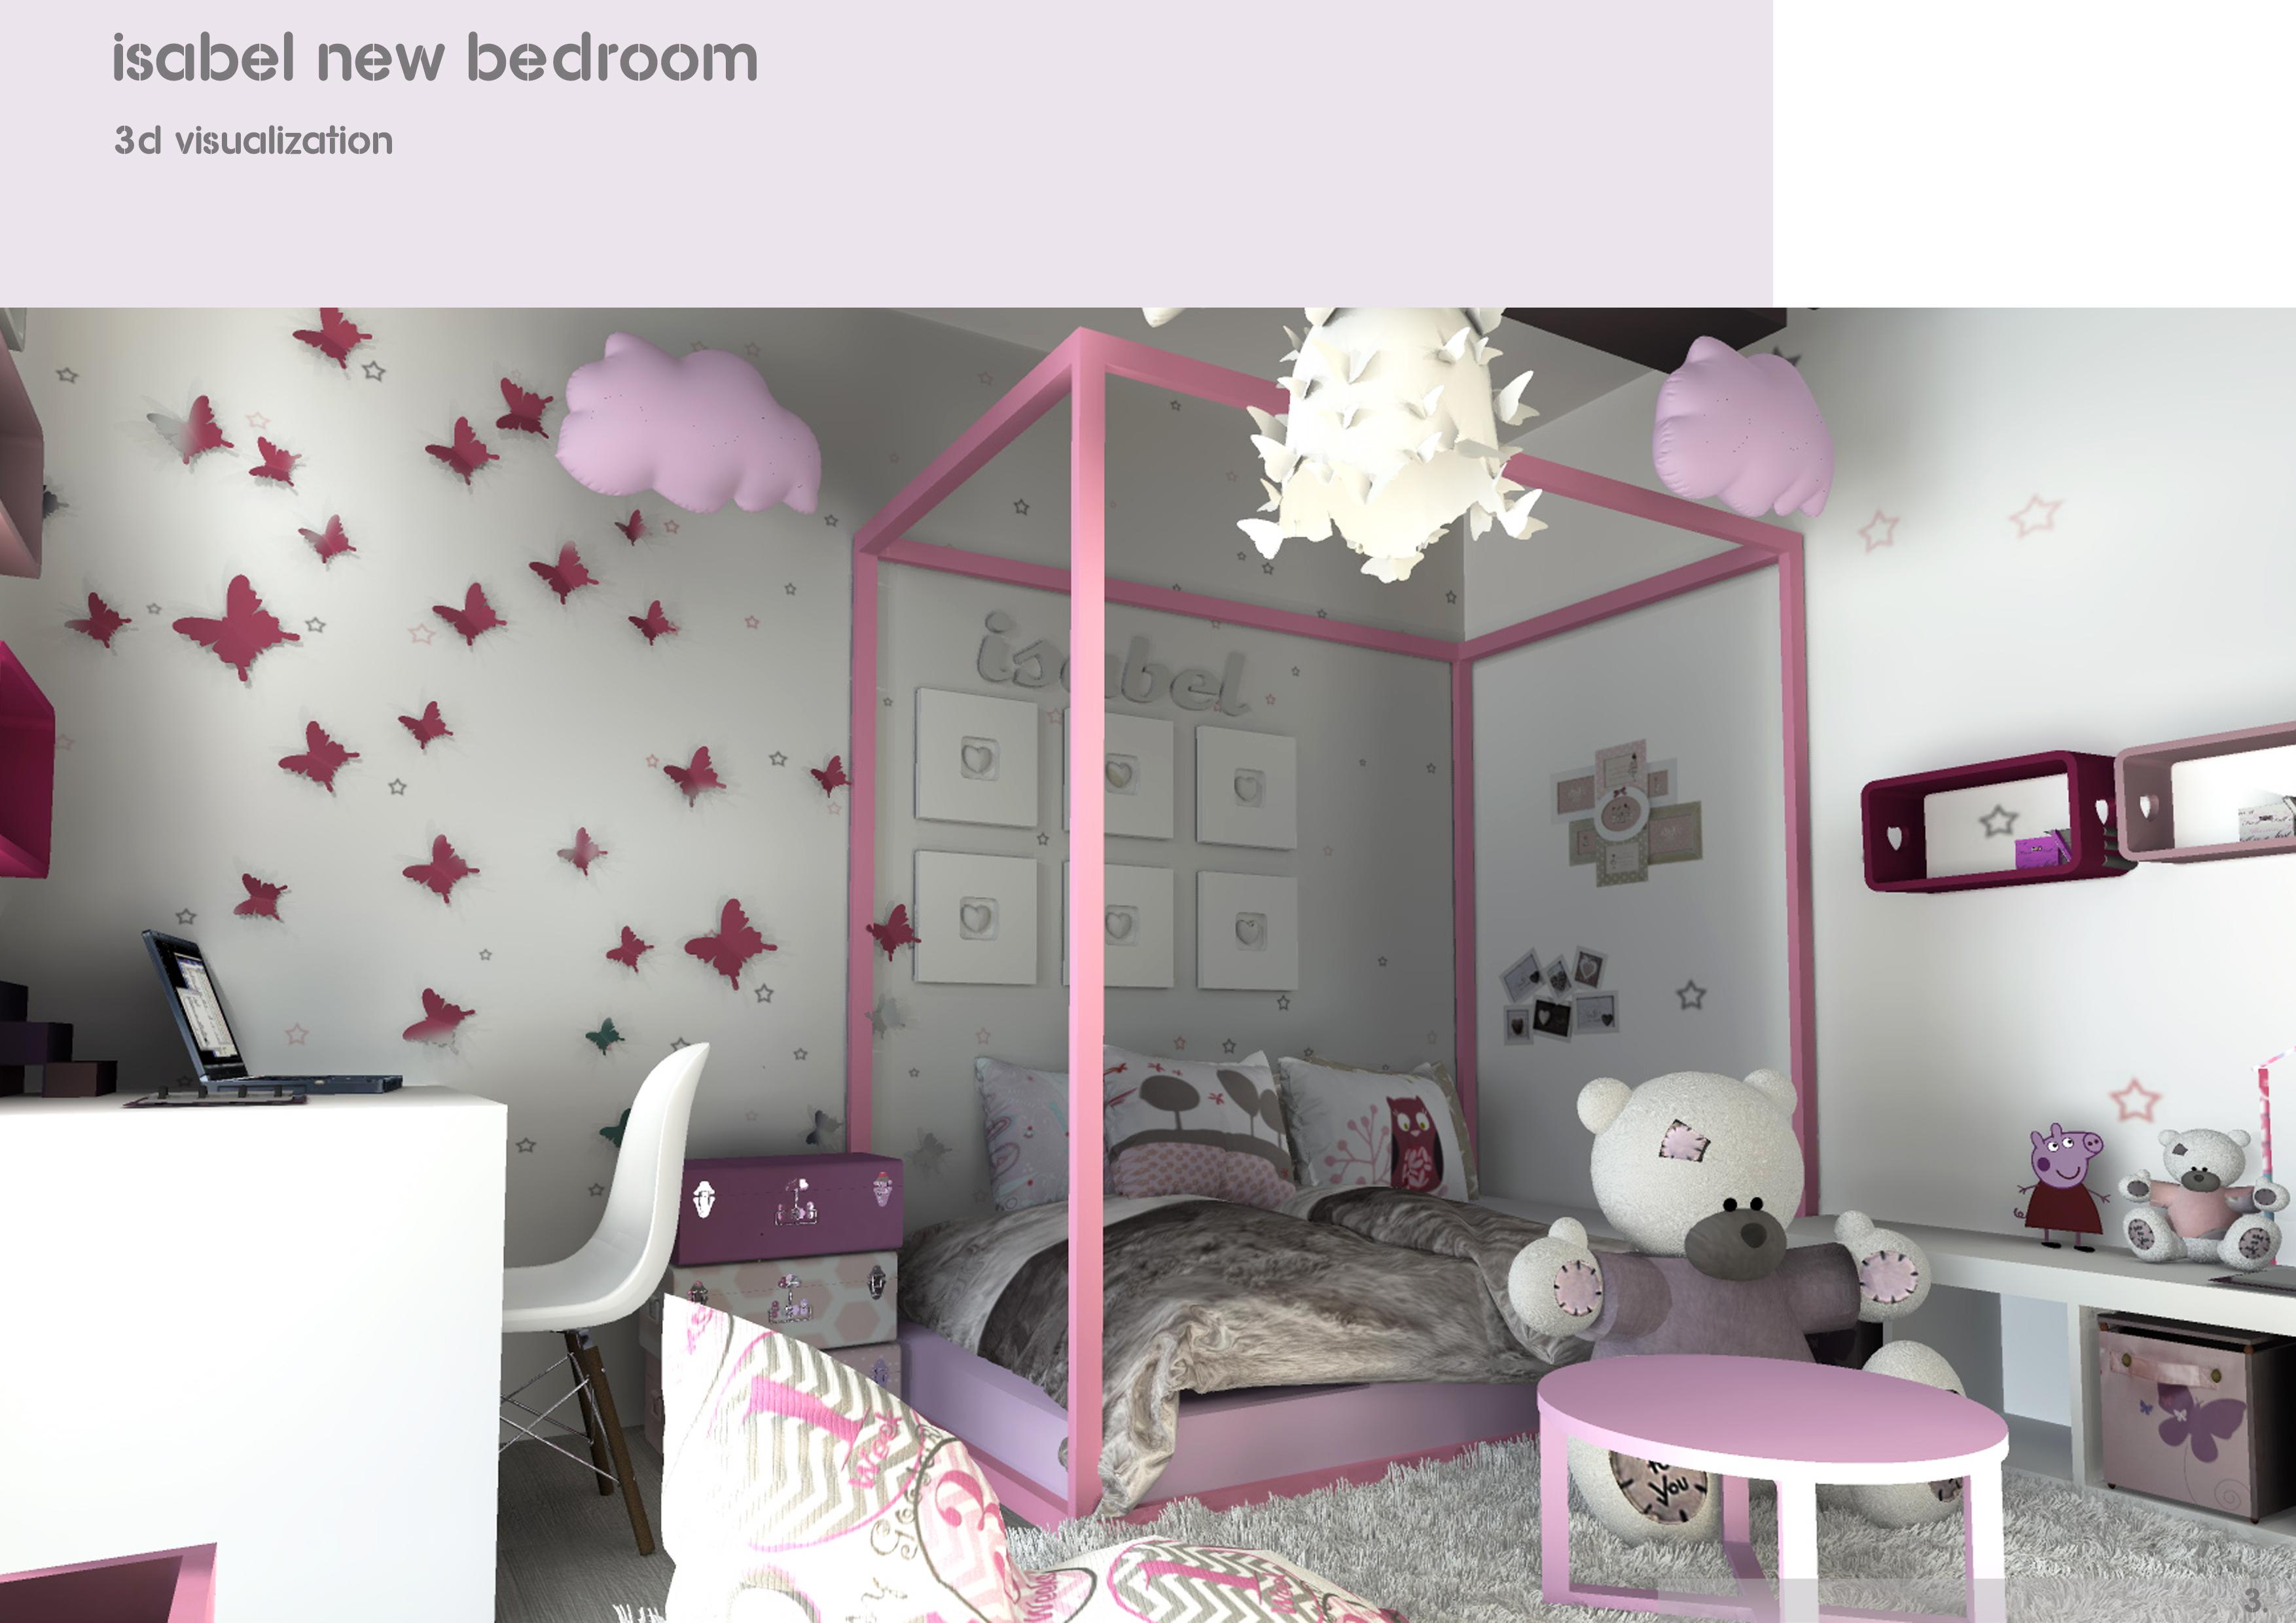 Camere Da Letto Bambino : Foto camere da letto bambini camerette per bambini e per bambine